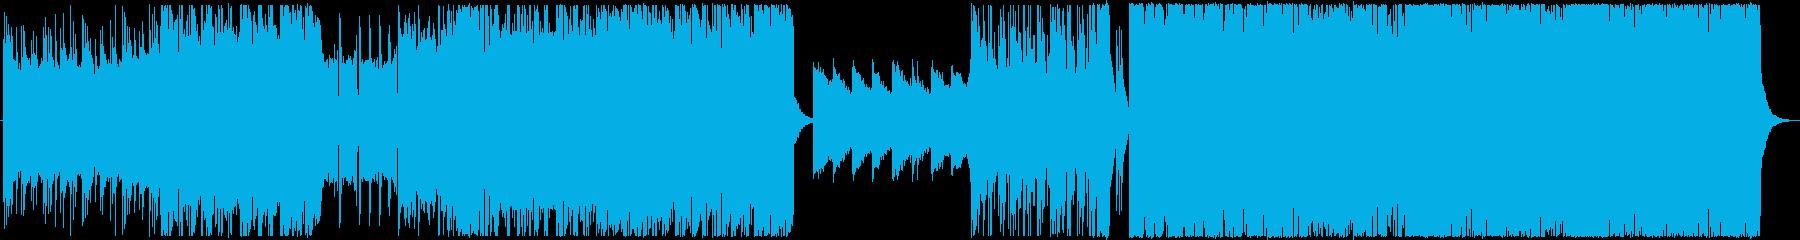 感動をもたらすEDM.エレクトロハウスの再生済みの波形